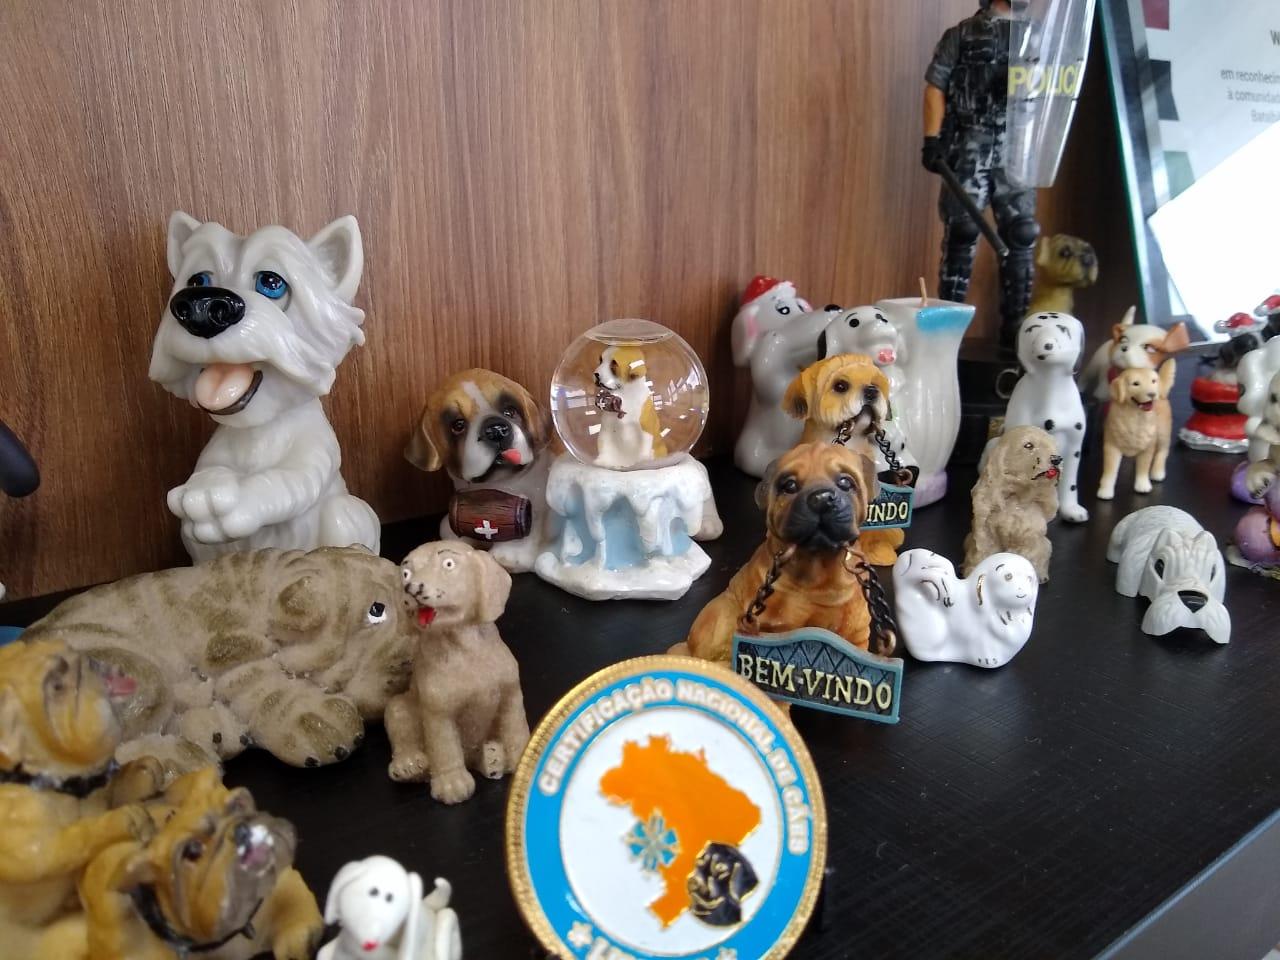 Muitos cachorros estão expostos nas prateleiras, porém em sua casa também tem um espaço especial para deixar a mostra sua coleção - Carolina Debiasi/ND